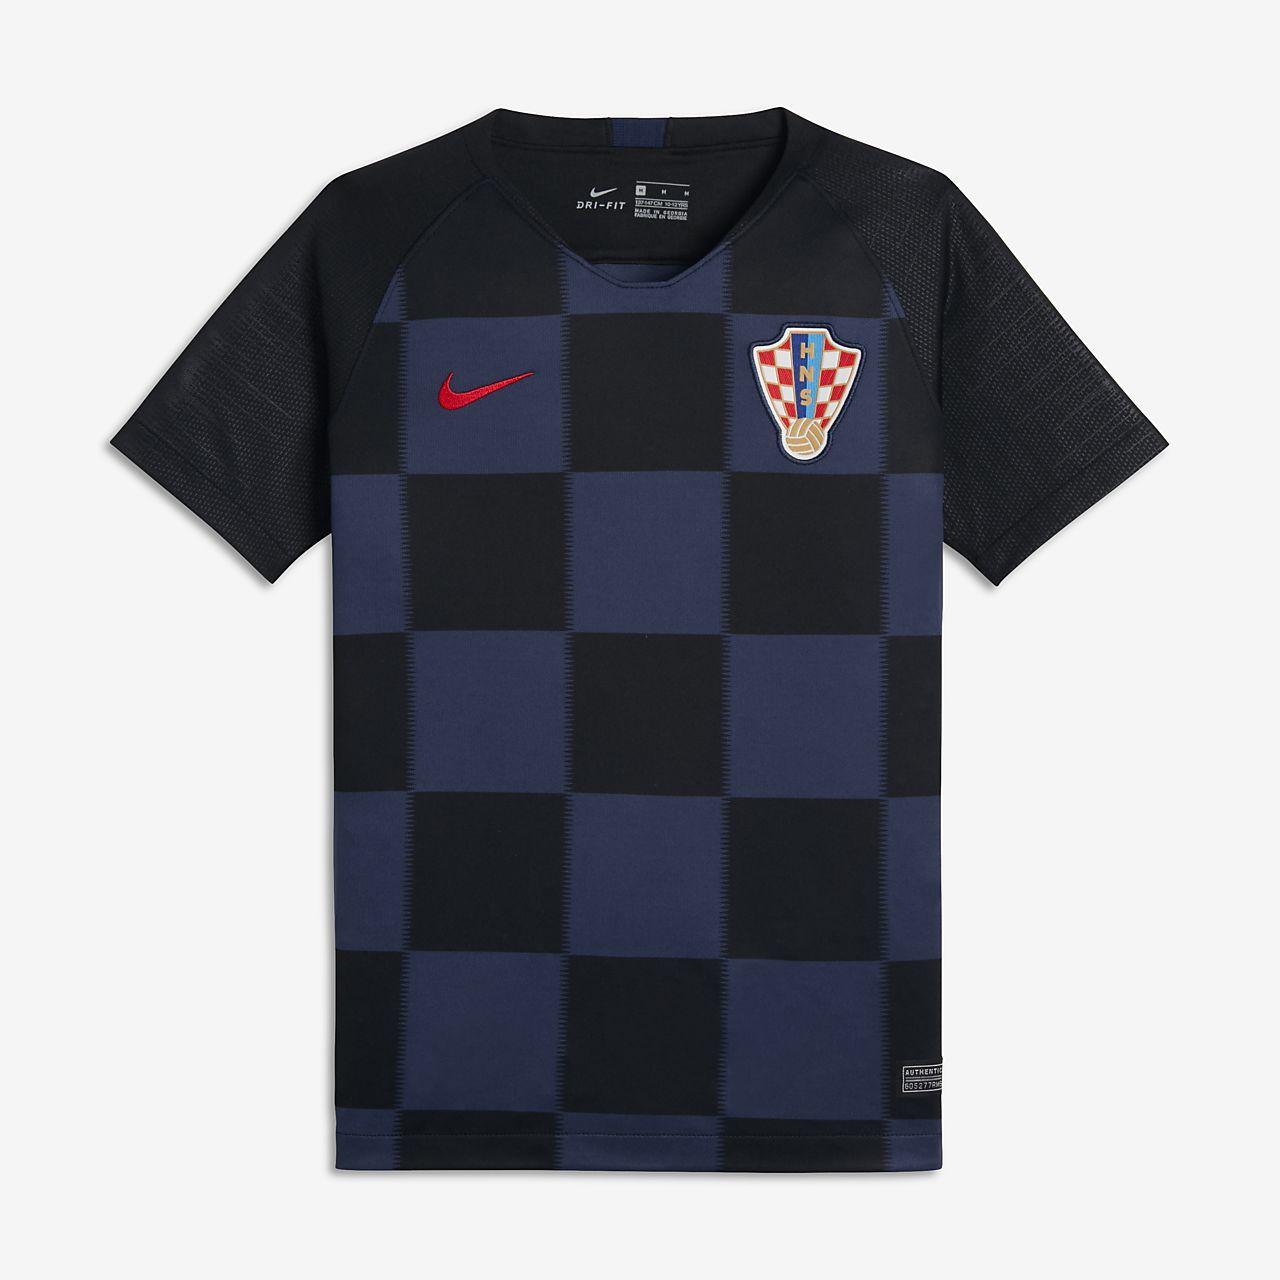 781dca214e25c 2018 Croatia Stadium Away Camiseta de fútbol - Niño a. Nike.com ES